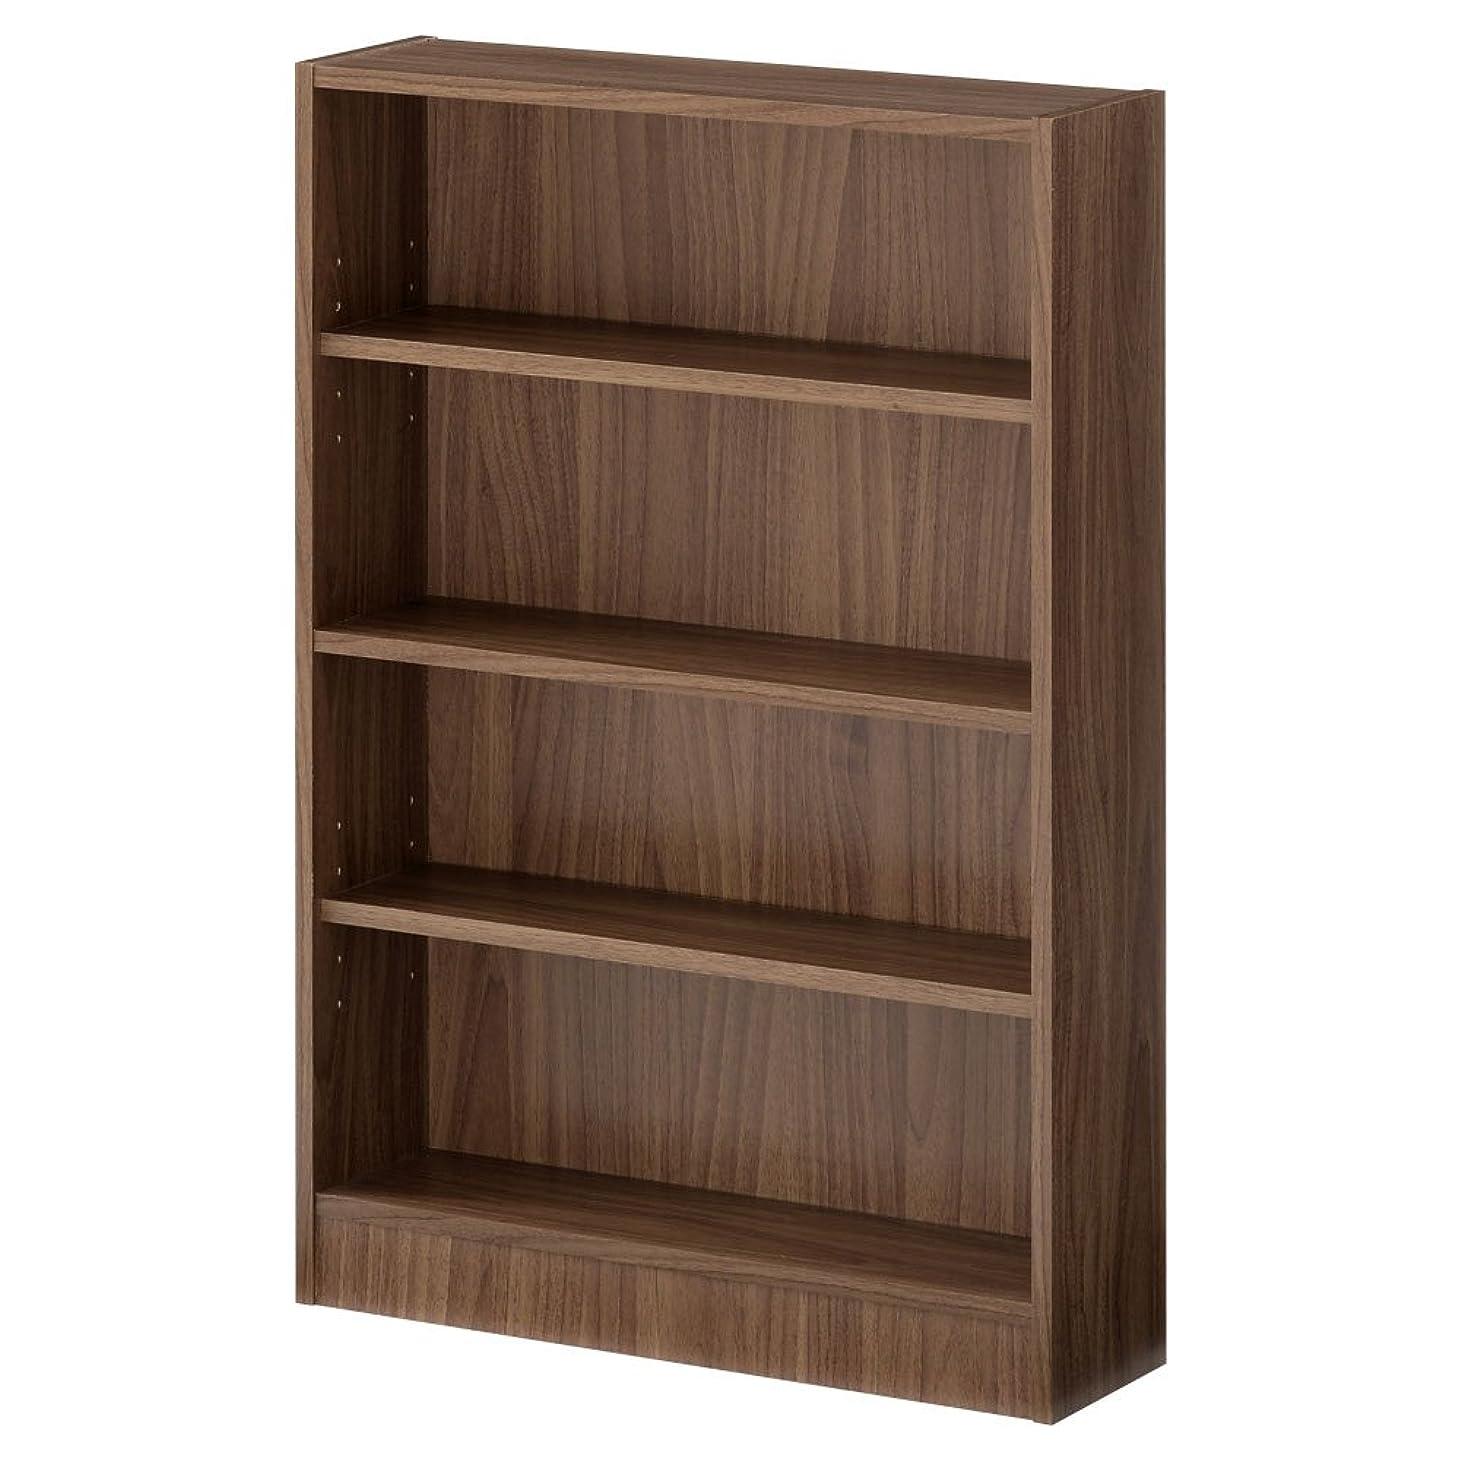 マーキーカーペットシャーぼん家具 【完成品】 本棚 書棚 4段 木製 カラーボックス マンガ 棚 ウォールナット